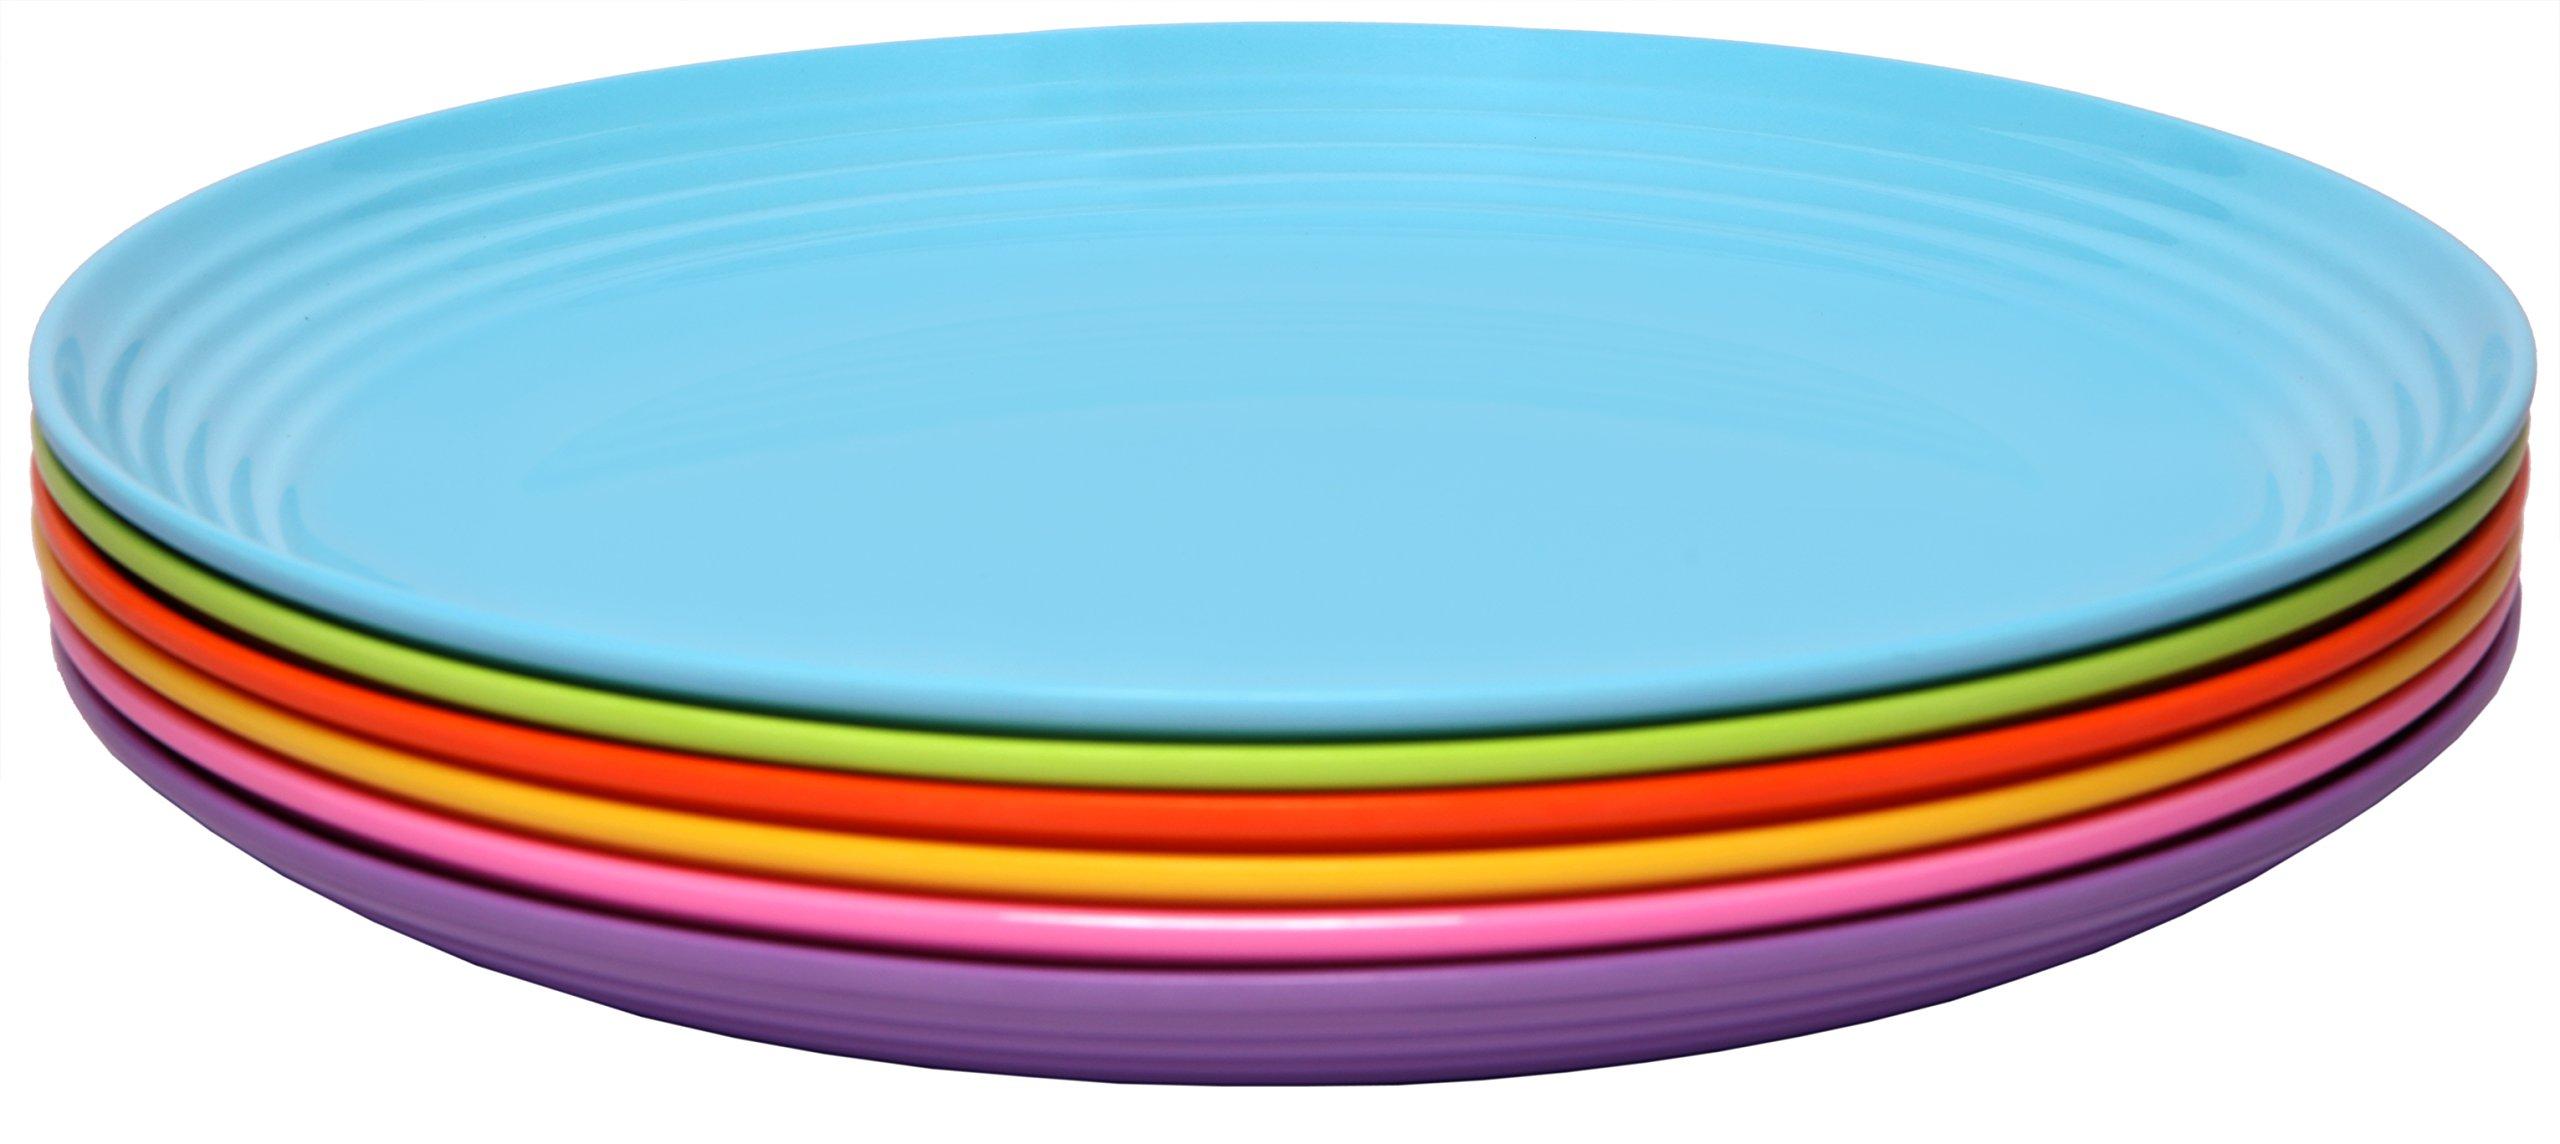 Melange 6-Piece Melamine Salad Plate Set (Solids Collection) | Shatter-Proof and Chip-Resistant Melamine Salad Plates | Color Multicolor